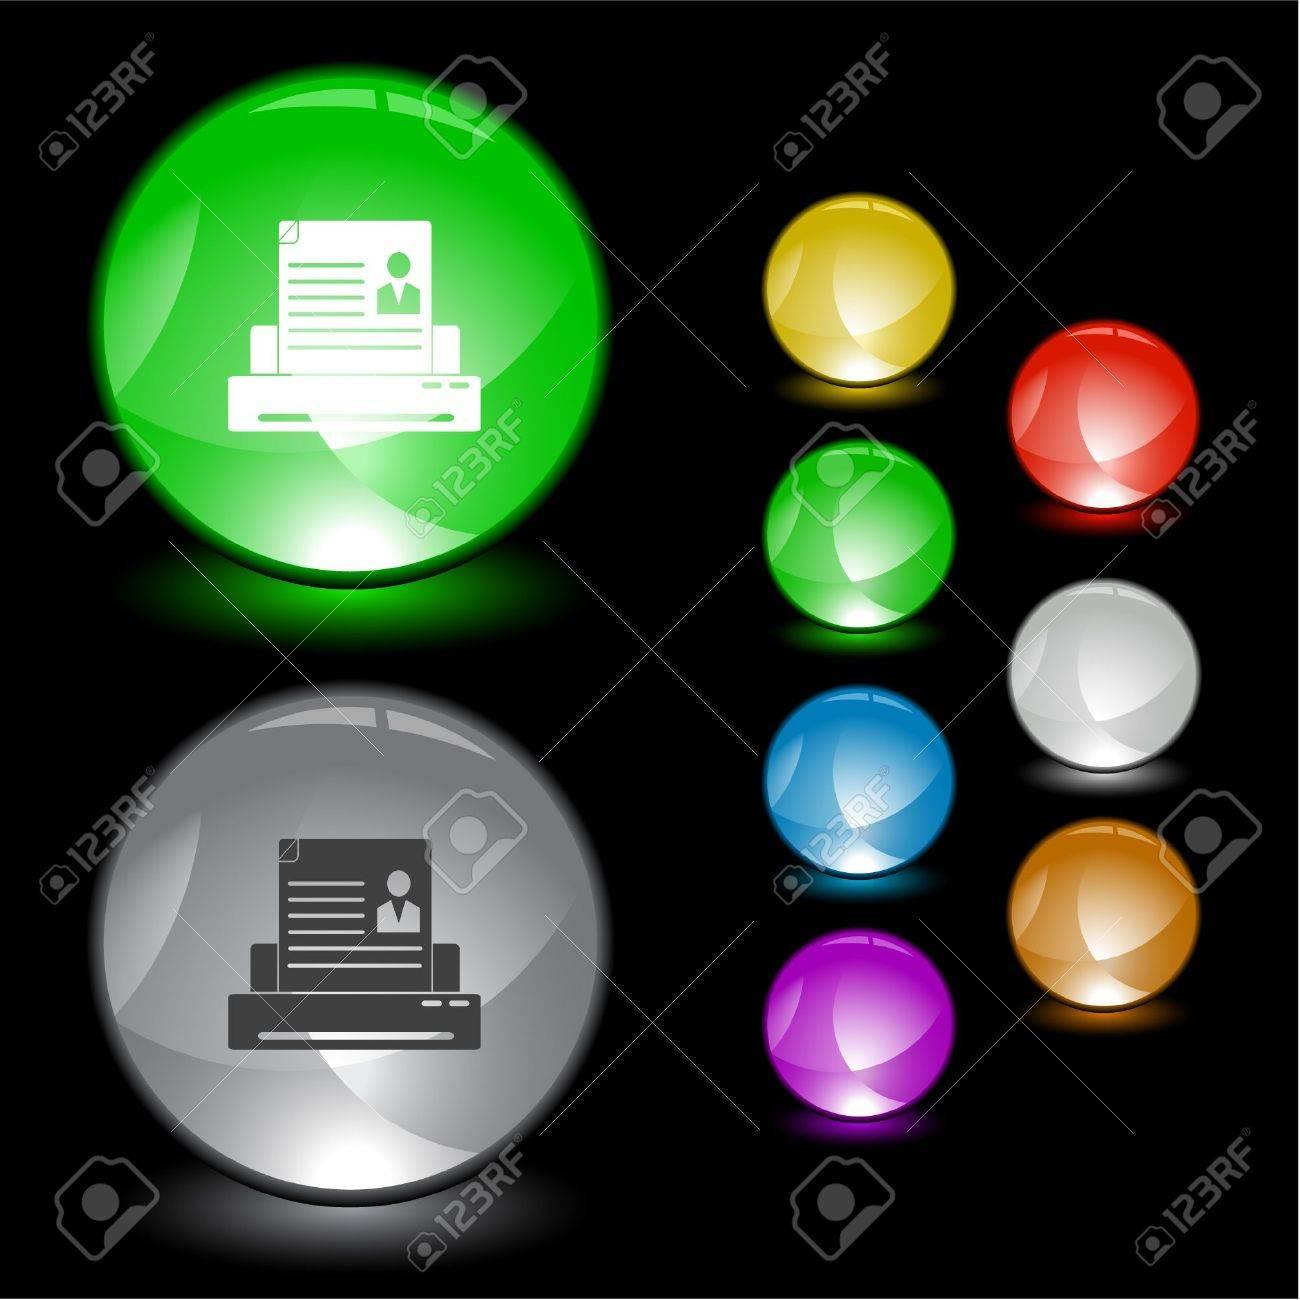 Printer. Stock Vector - 6731607